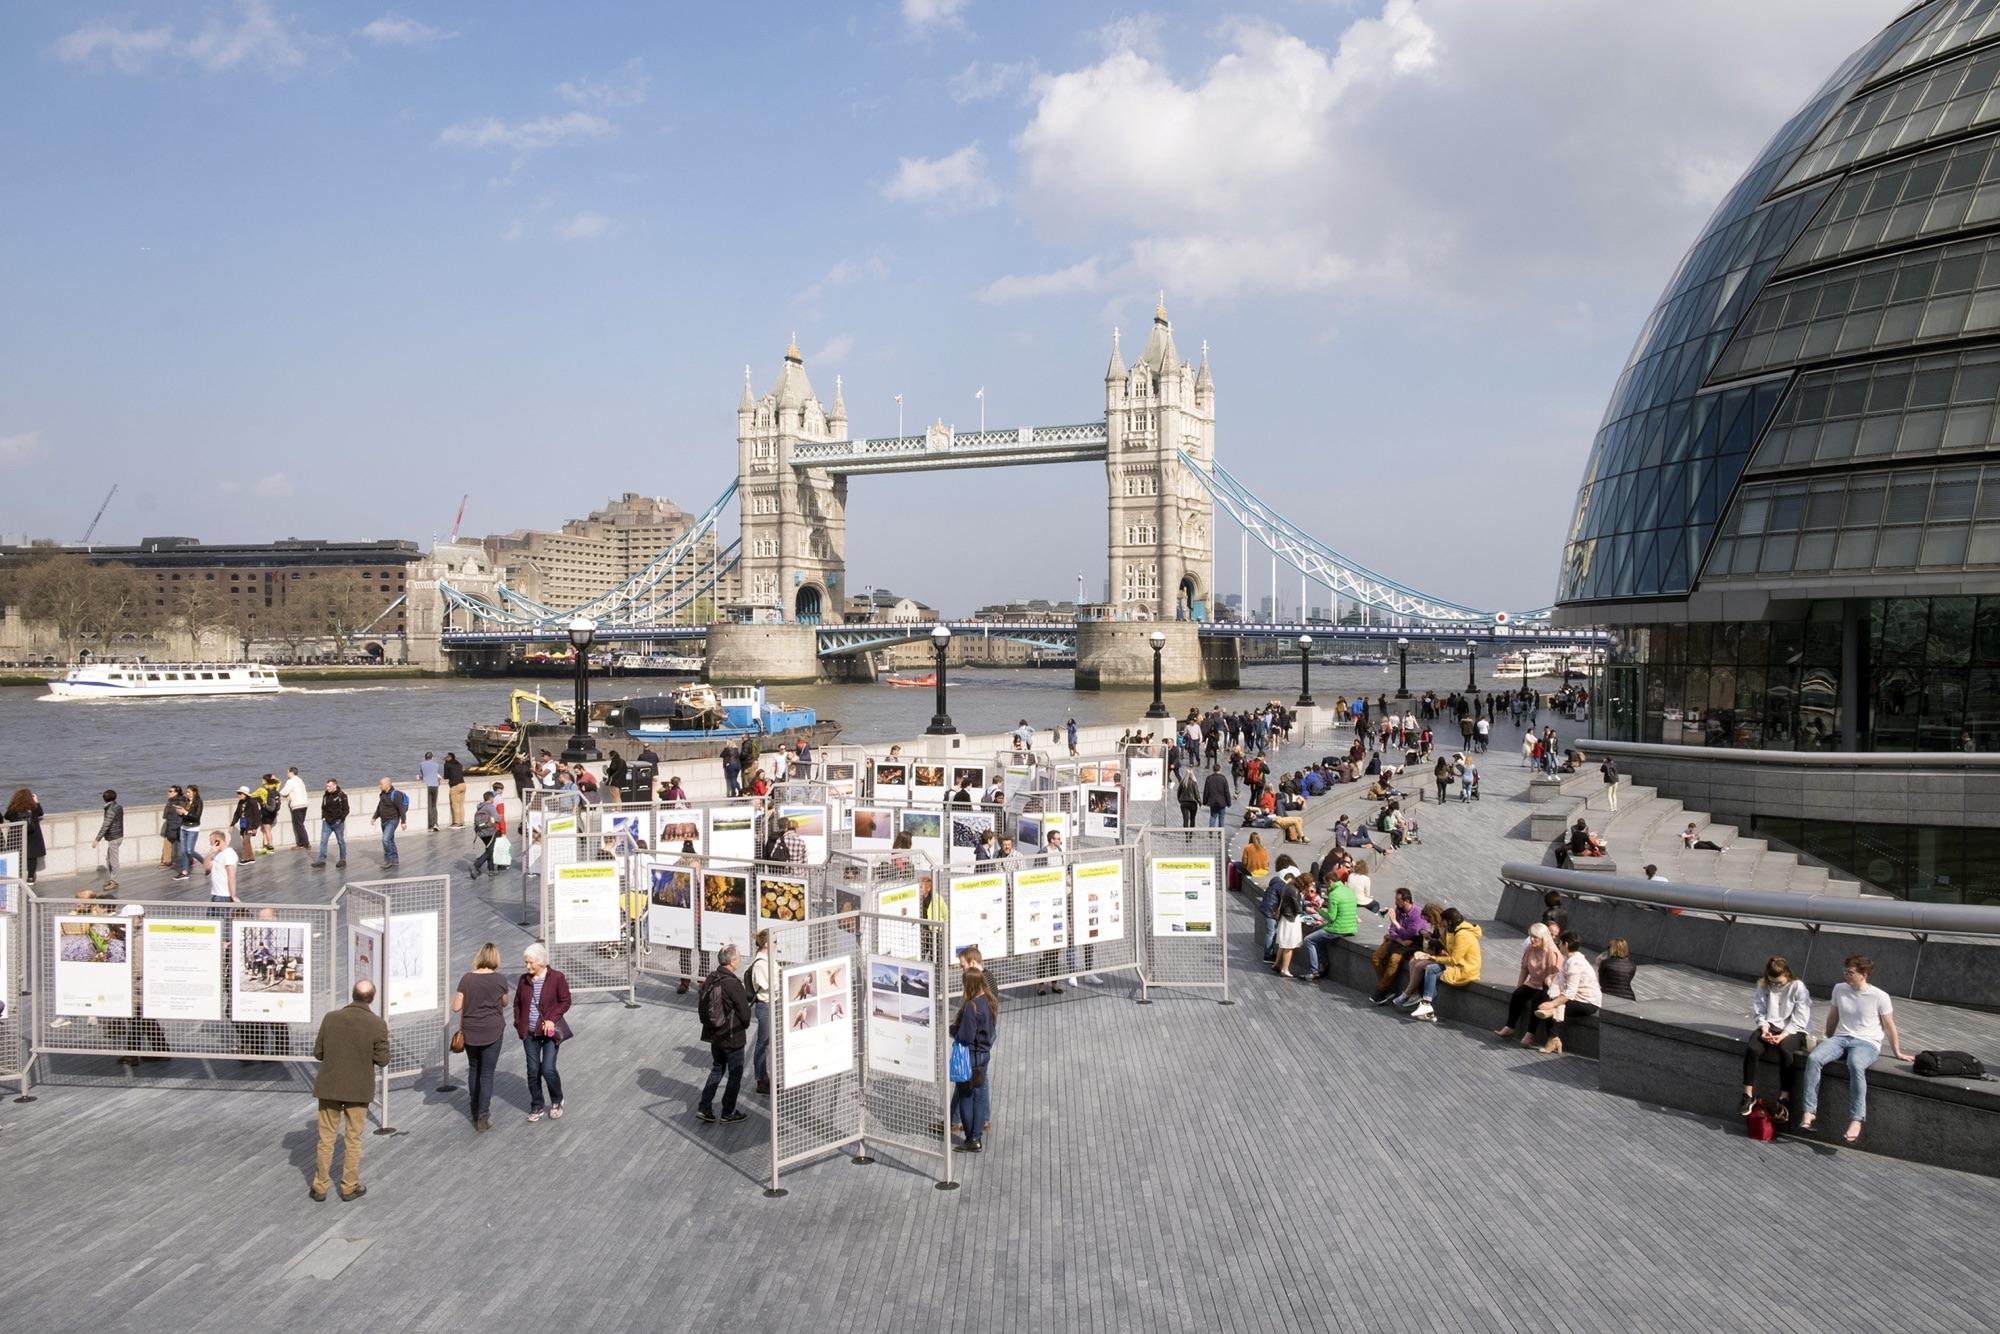 foto van de buitententoonstelling TPOTY 2018 in Londen voor de London Bridge